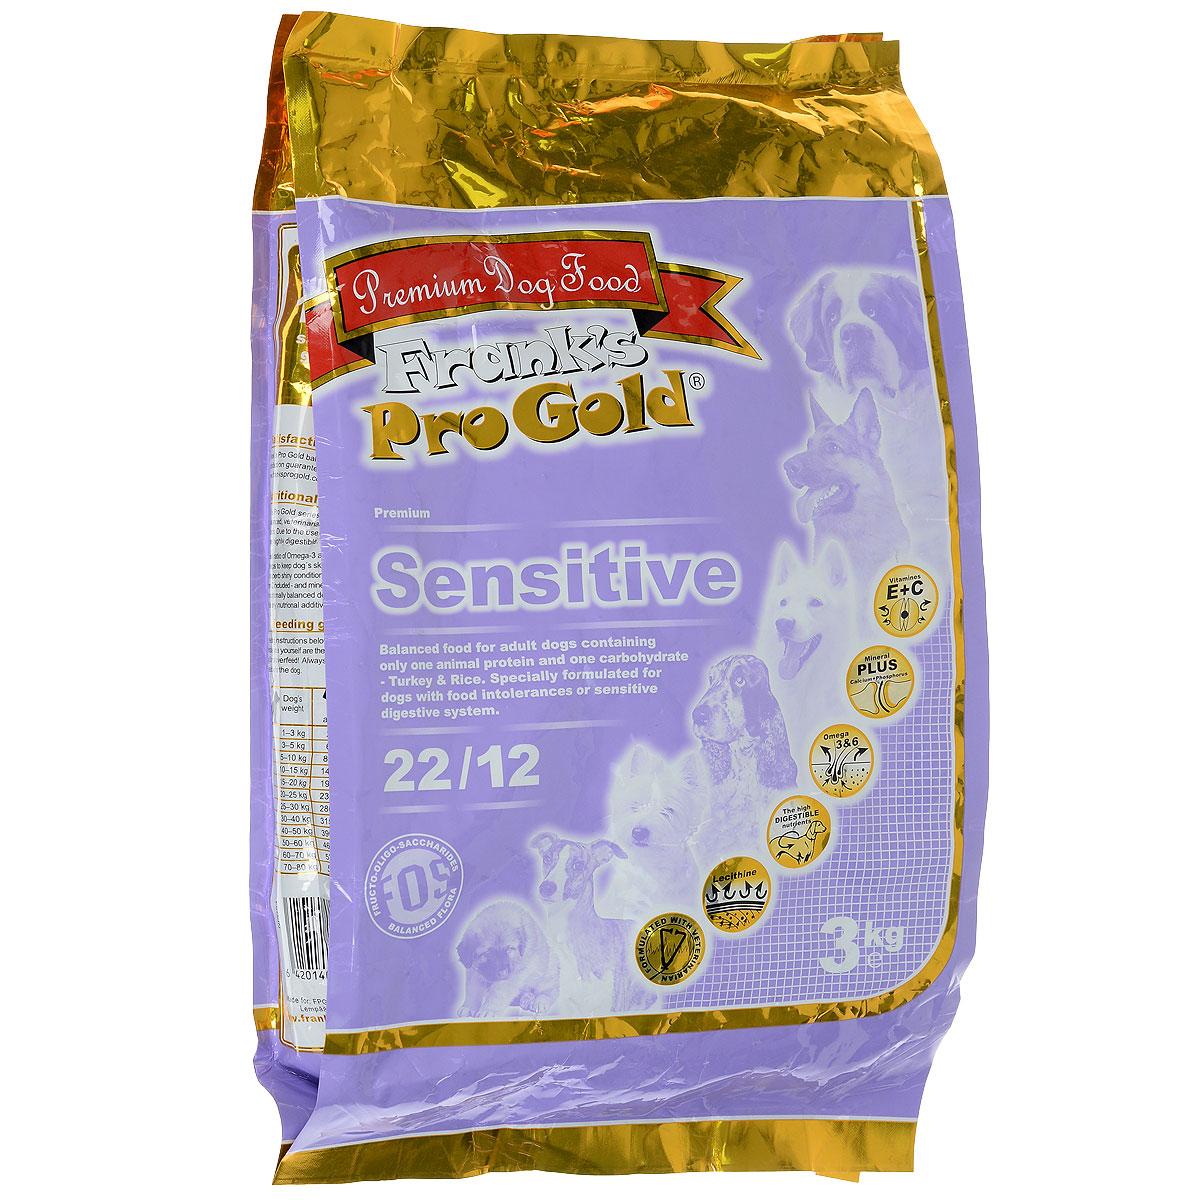 Корм сухой Franks ProGold для собак, с индейкой по-голландски, 3 кг17925Корм сухой Franks ProGold разработан для собак с пищевой аллергией или чувствительной пищеварительной системой. Данный рецепт содержит единственный источник животного белка (индейка), а также один источник углевода (рис), что положительно влияет на пищеварительную систему и сводит к минимуму возможные аллергические реакции. Сочетание жира индейки, рыбного жира и жирных кислот Омега 6 и Омега 3 улучшает состояние кожи и шерсти. Также в данном корме высокое содержание жирных кислот. Инулин поддерживает здоровую микрофлору кишечника. Не содержит пшеницы, соевых добавок, ГМО.